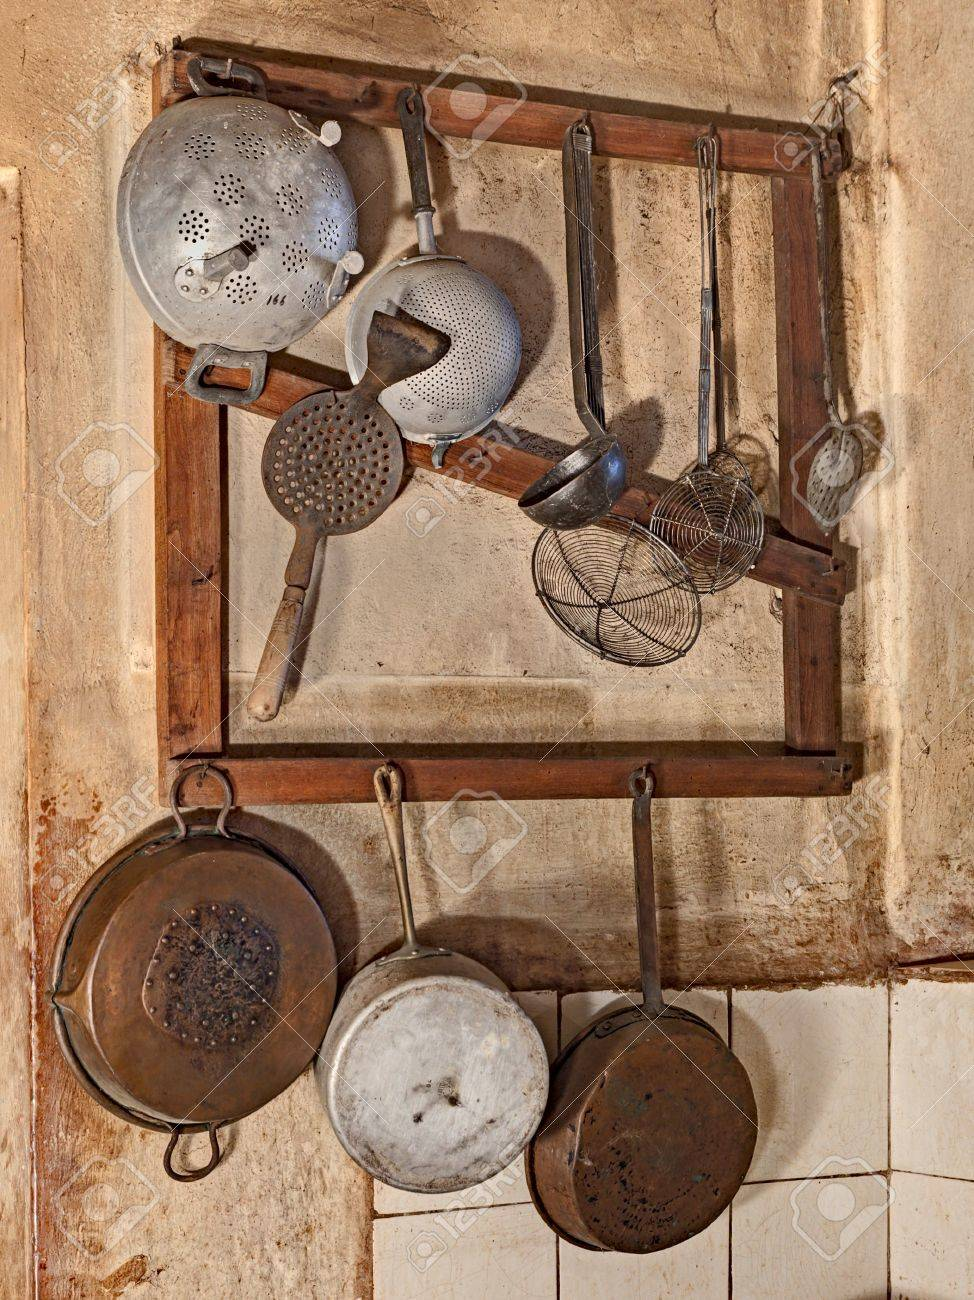 Utensili Da Cucina Appesi In Cucina Di Una Vecchia Casa Di Campagna ...